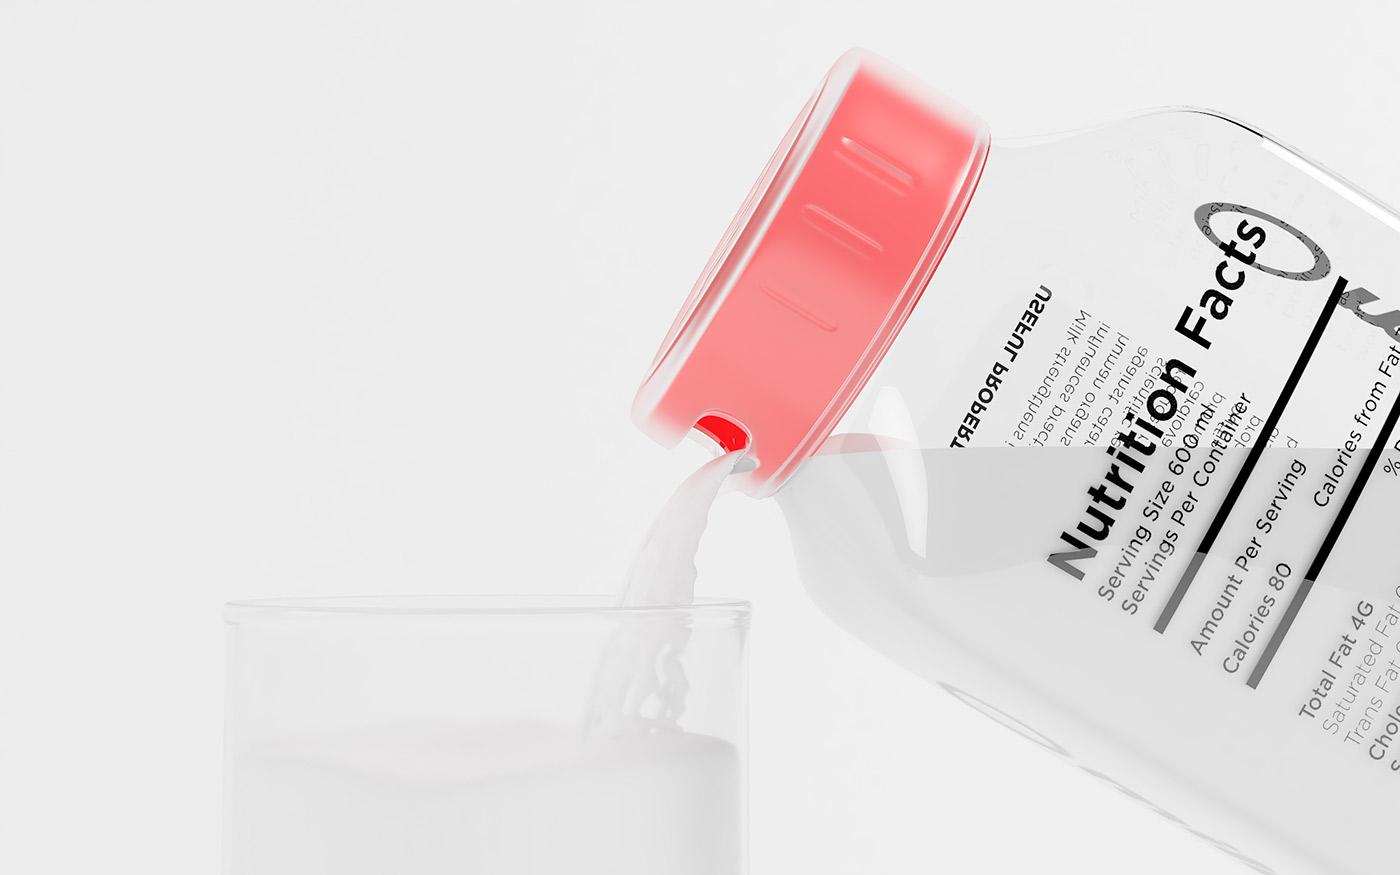 Milk Packaging and Branding by Erik Musin